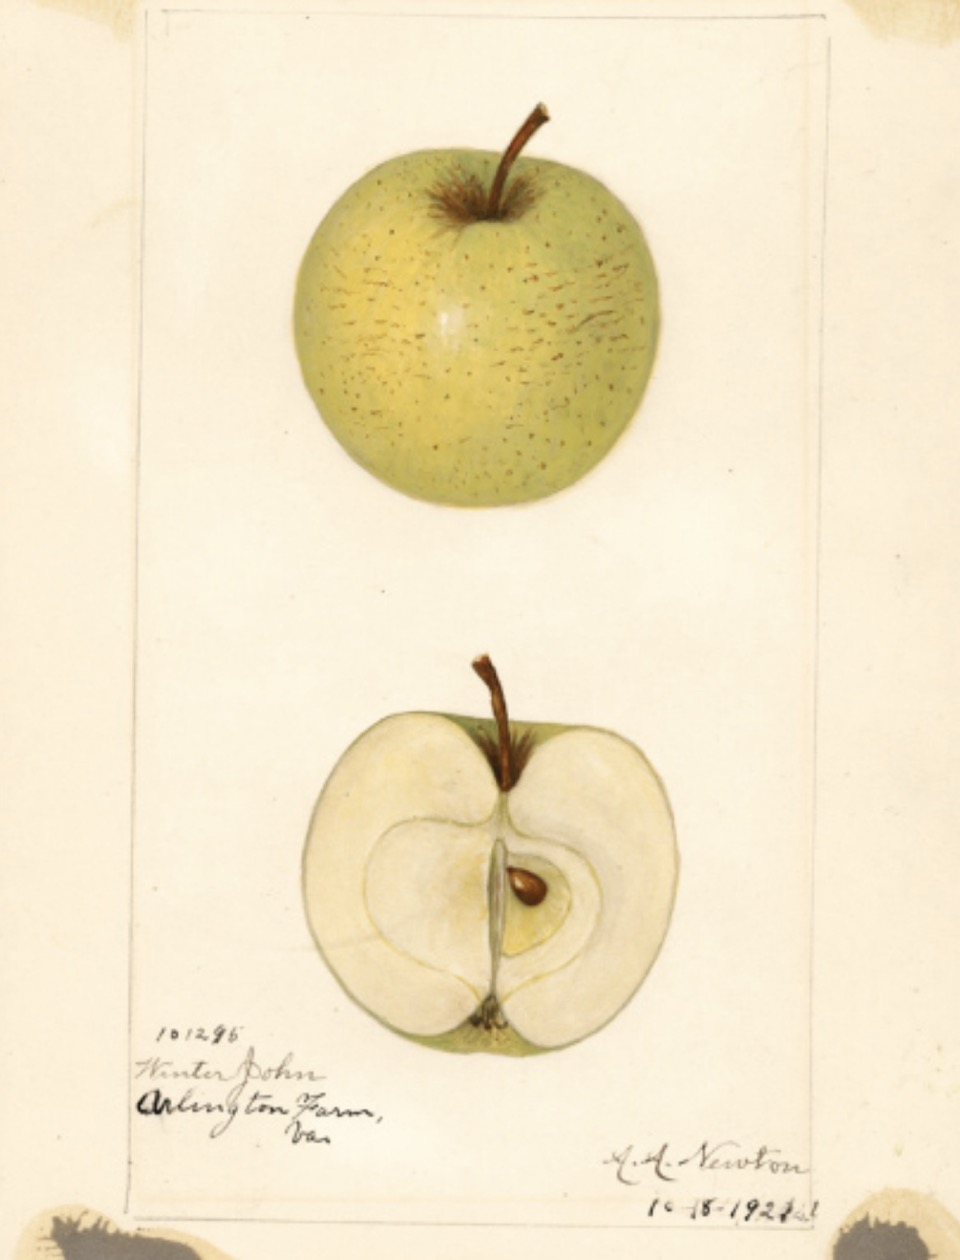 Historische Abbildung eines grün-gelblichen und eines aufgeschnittenen Apfels; USDA